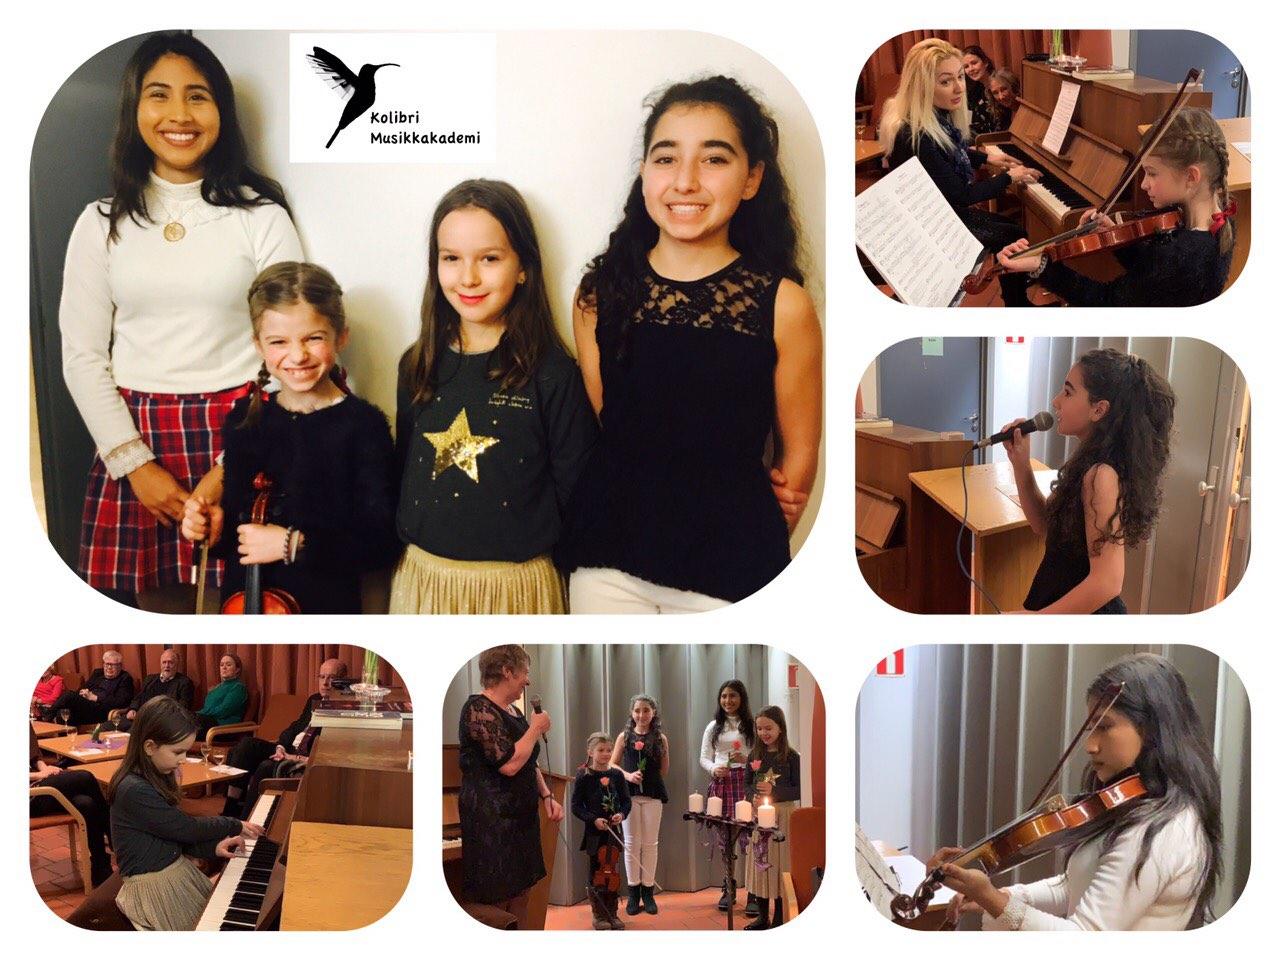 musikkskole Julebord fiolin piano, sang, lær å synge, lær å spille piano, hvordan finne pianolærer, hvordan finne sanglærer, piano lærer, sang lærer